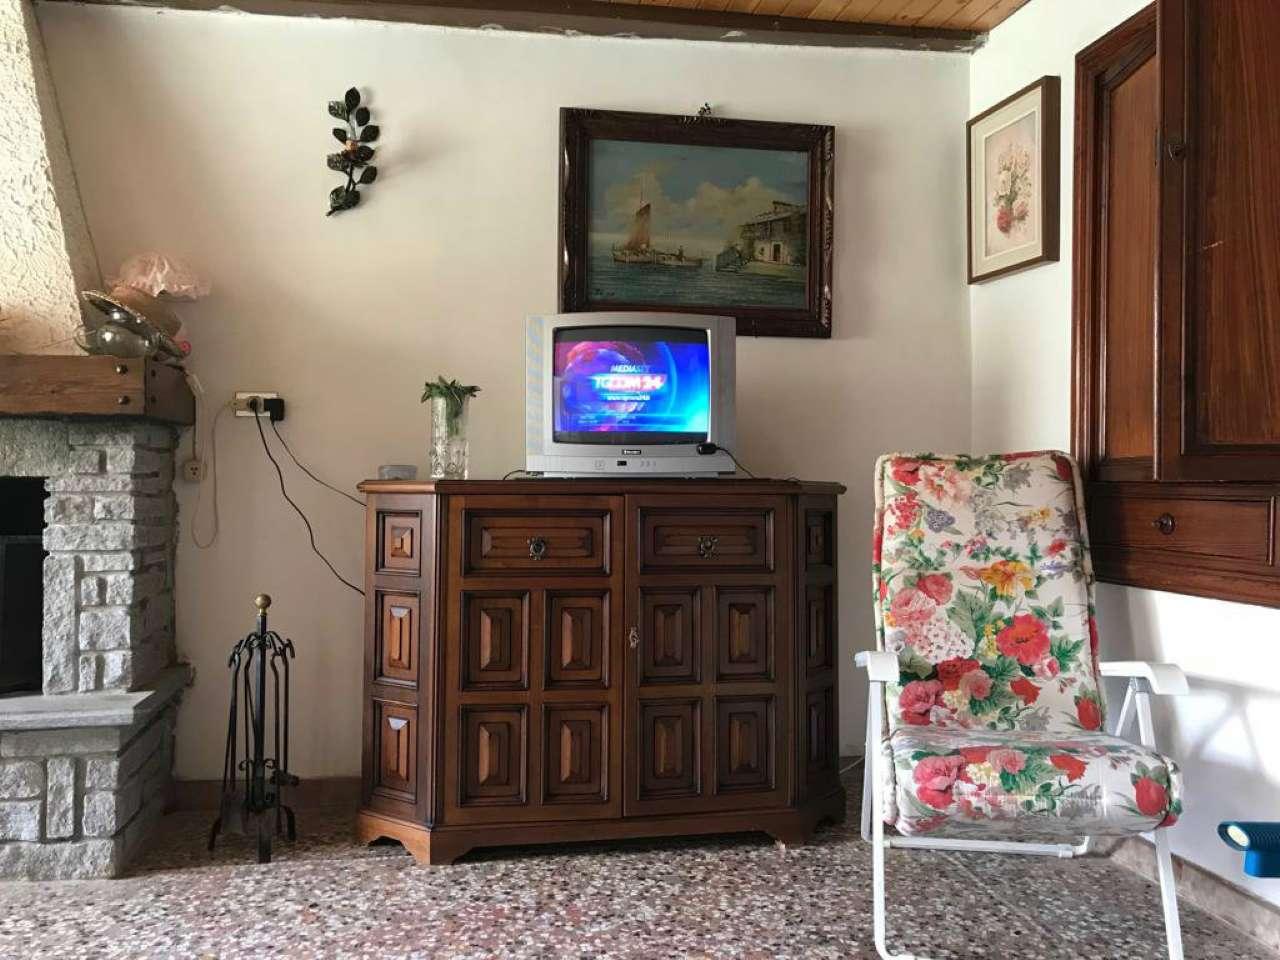 Appartamento in vendita a Ceres, 4 locali, prezzo € 67.000 | CambioCasa.it